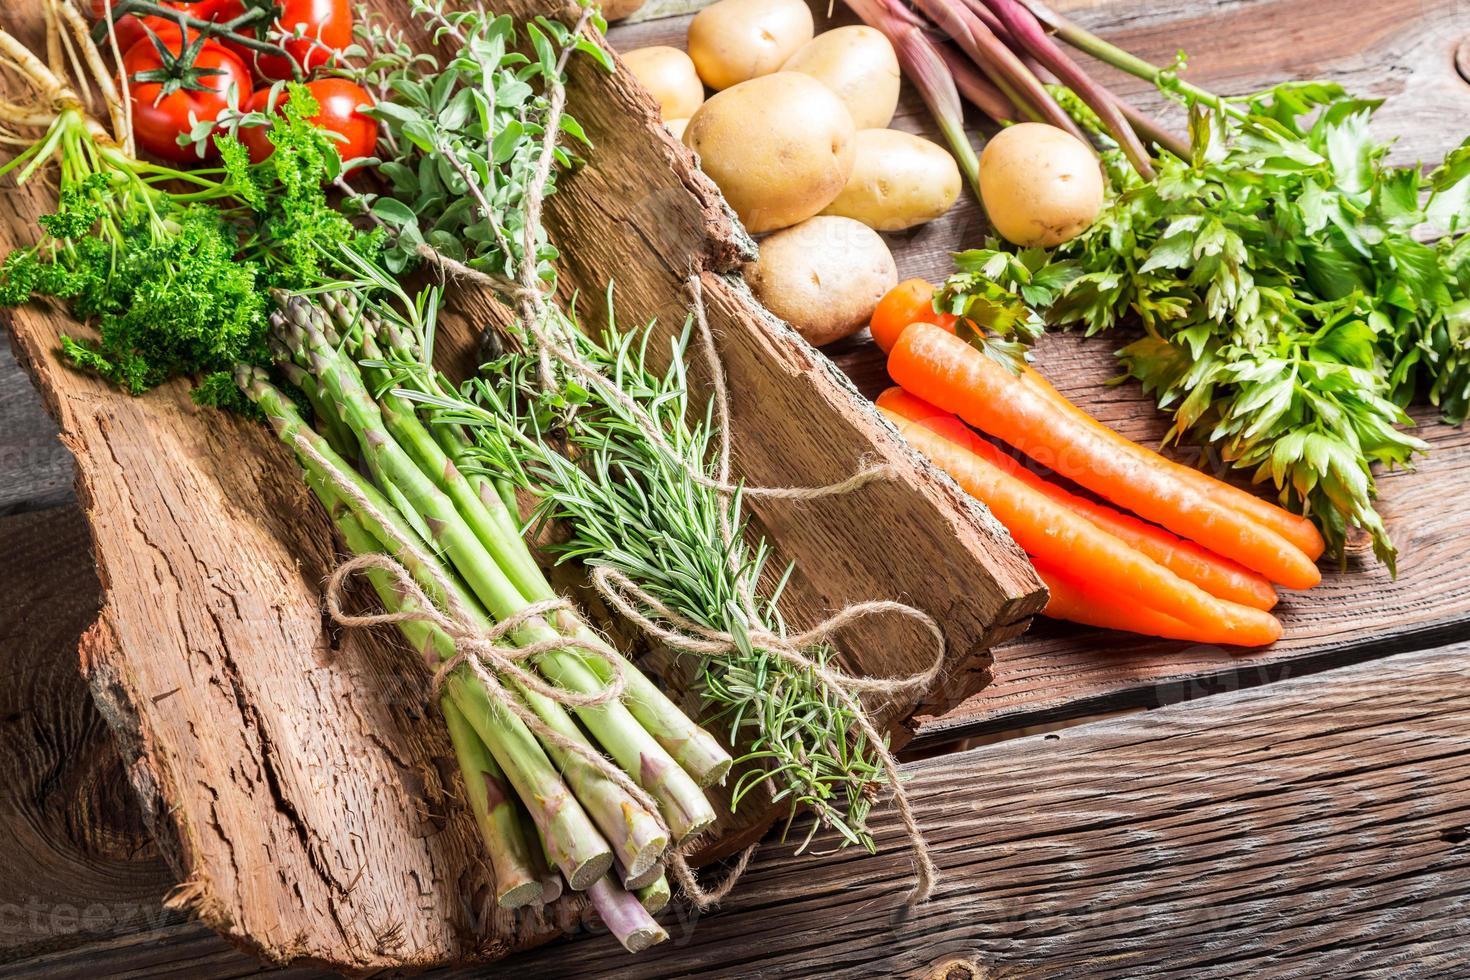 frisches verschiedenes Gemüse auf Rinde foto